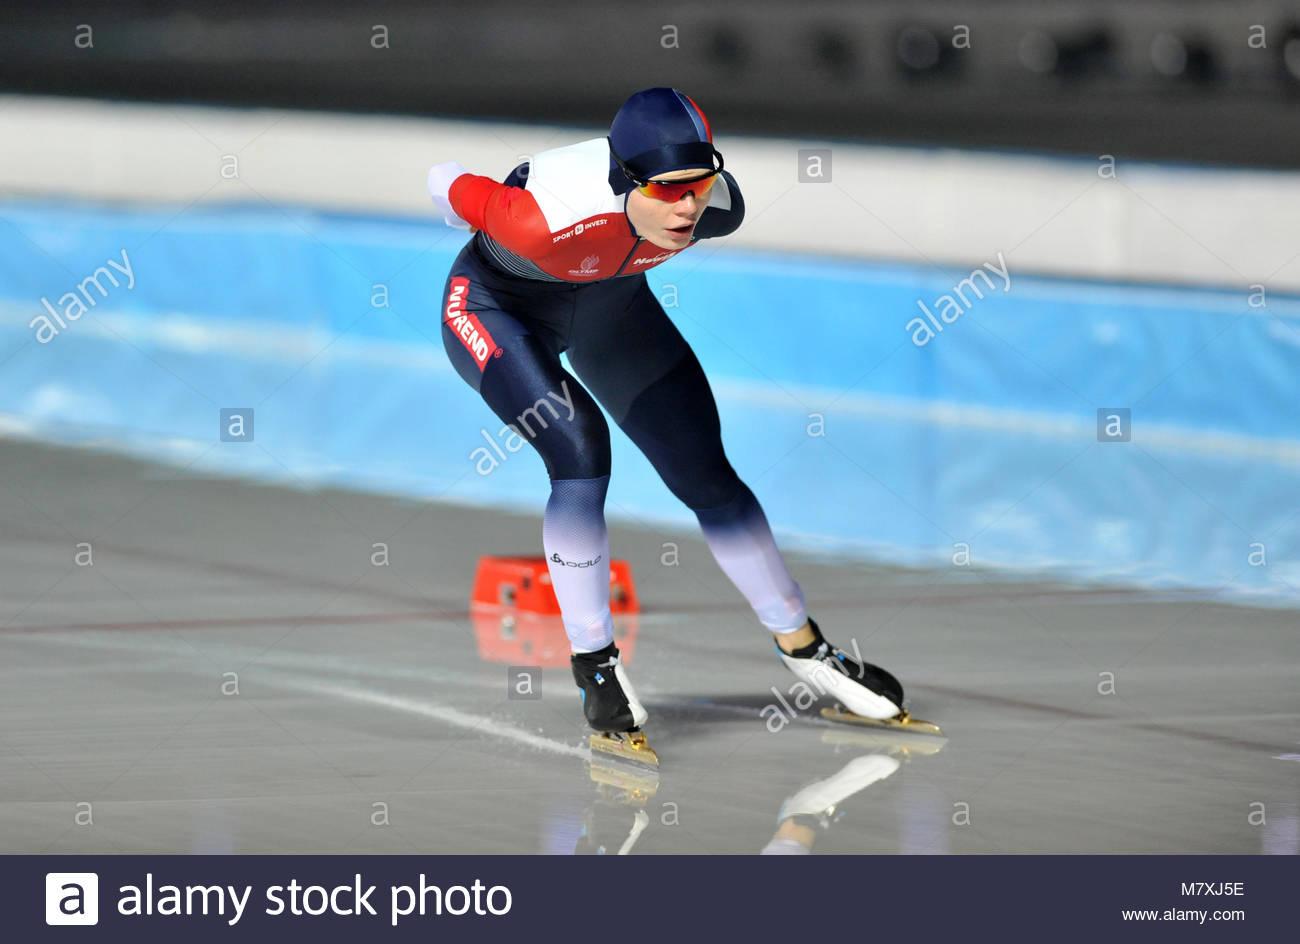 Amsterdam Die Niederlande 10 März 2018 Wm Allround Eisschnelllauf